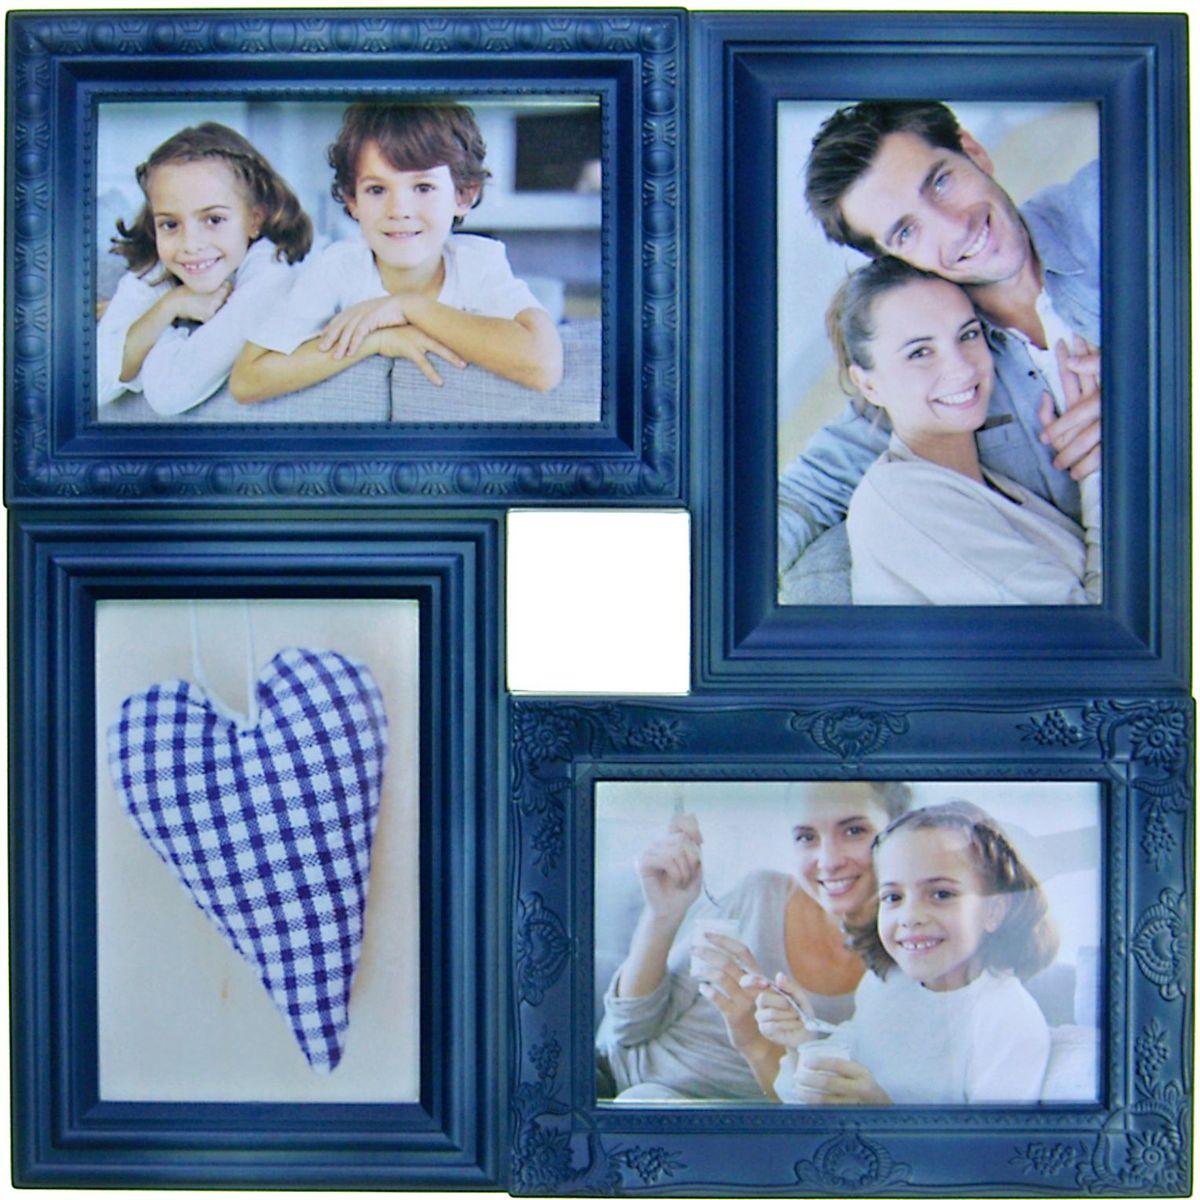 Фоторамка Platinum, цвет: джинсовый, на 4 фото 10 х 15 см. BIN-112181Брелок для ключейФоторамка Platinum - прекрасный способ красиво оформить ваши фотографии. Фоторамка выполнена из пластика и защищена стеклом. Фоторамка-коллаж представляет собой четыре фоторамки для фото одного размера оригинально соединенных между собой. Такая фоторамка поможет сохранить в памяти самые яркие моменты вашей жизни, а стильный дизайн сделает ее прекрасным дополнением интерьера комнаты.Фоторамка подходит для фотографий 10 х 15 см.Общий размер фоторамки: 33 х 33 см.